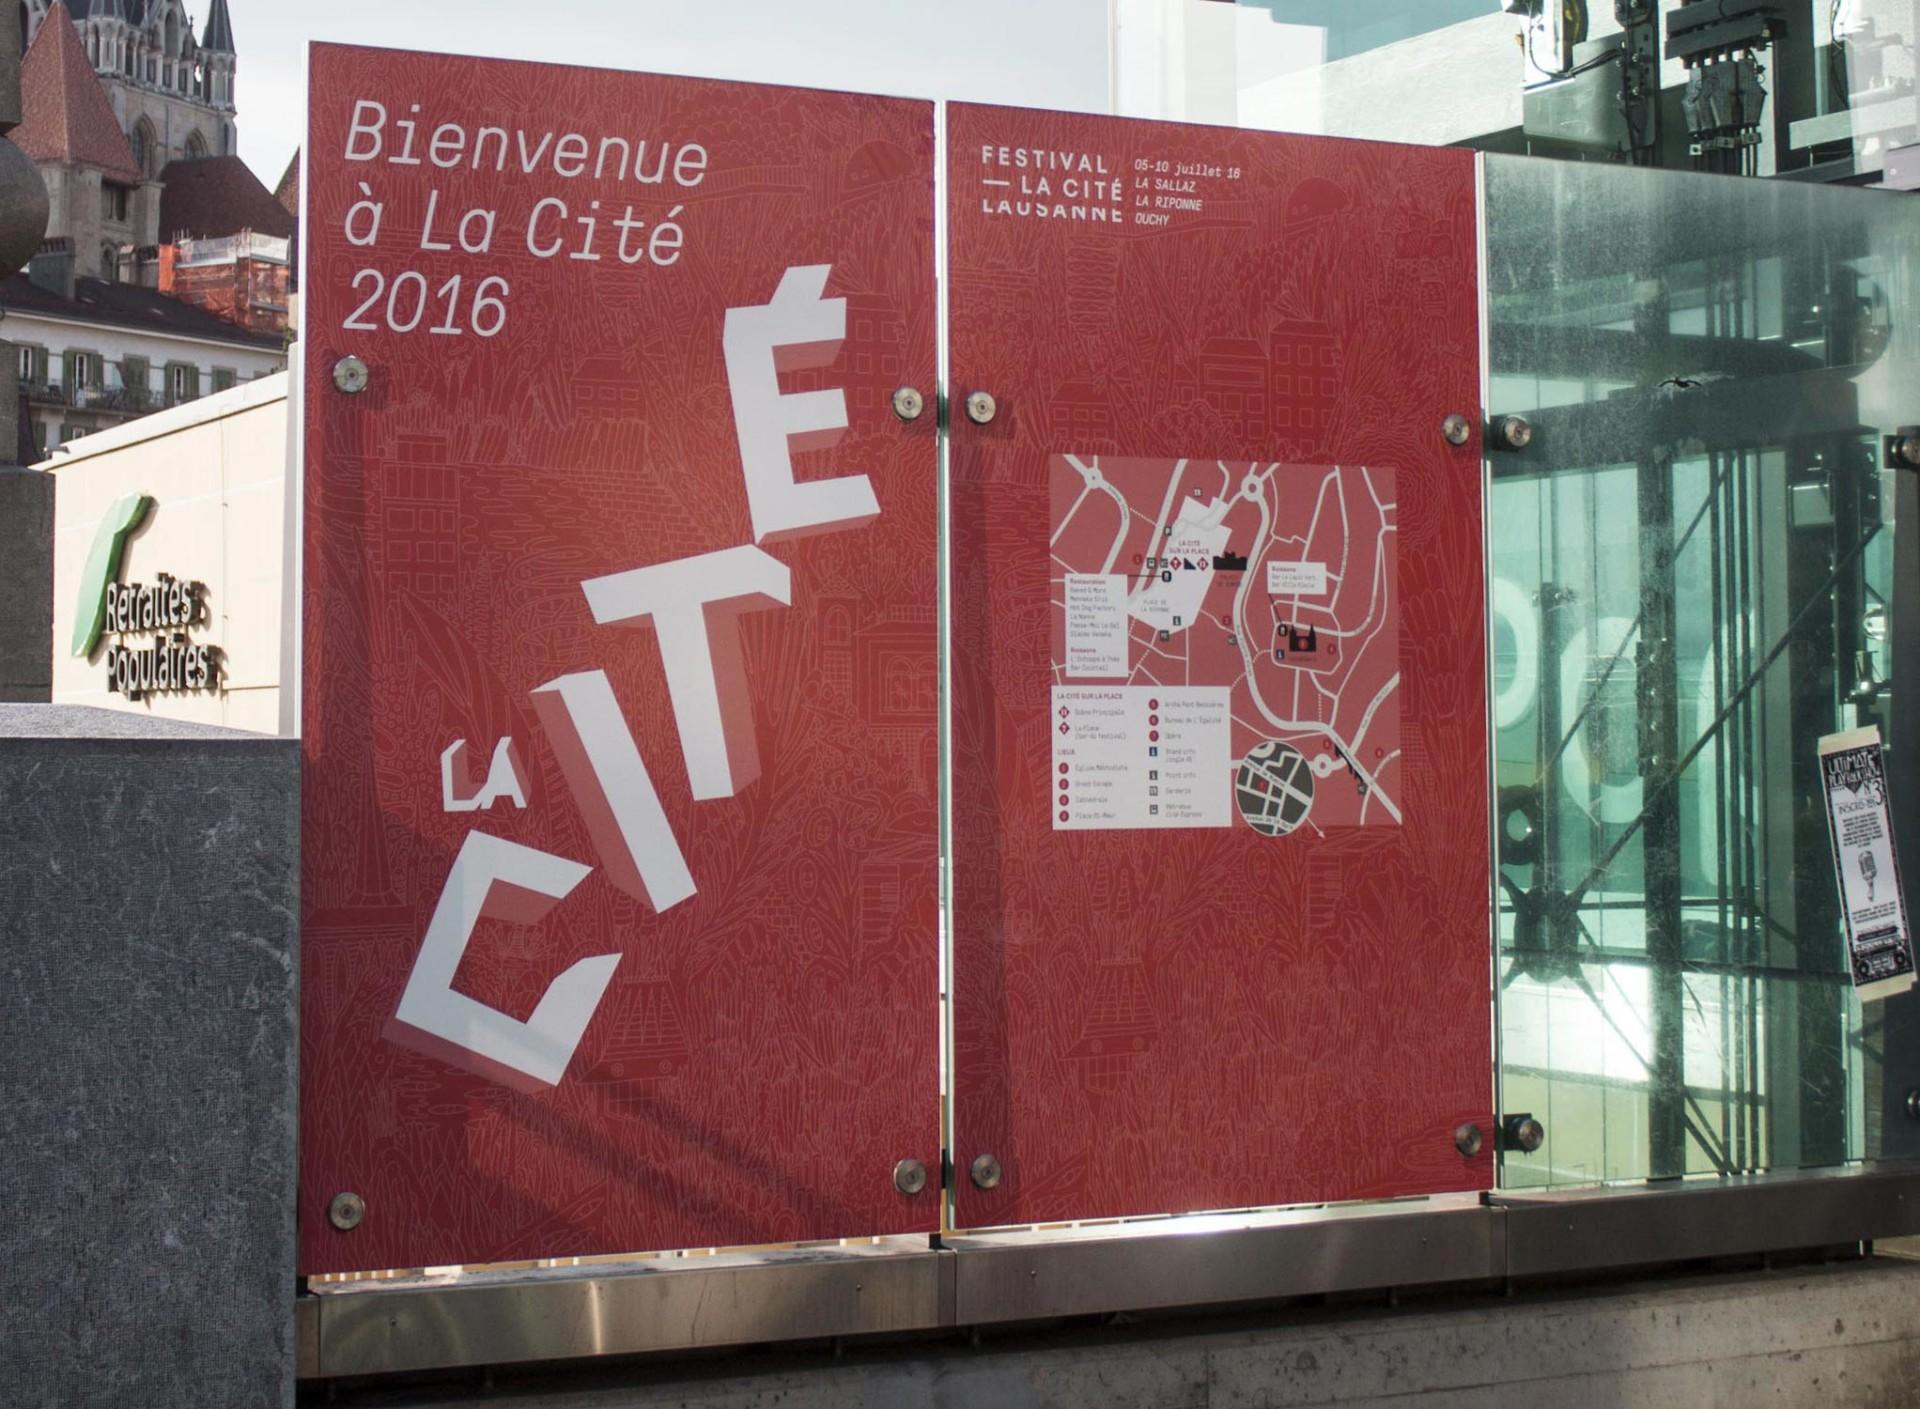 FICHTRE STUDIO - Mathias Forbach FESTIVAL DE LA CITÉ: AFFICHE & DIRECTION ARTISTIQUE